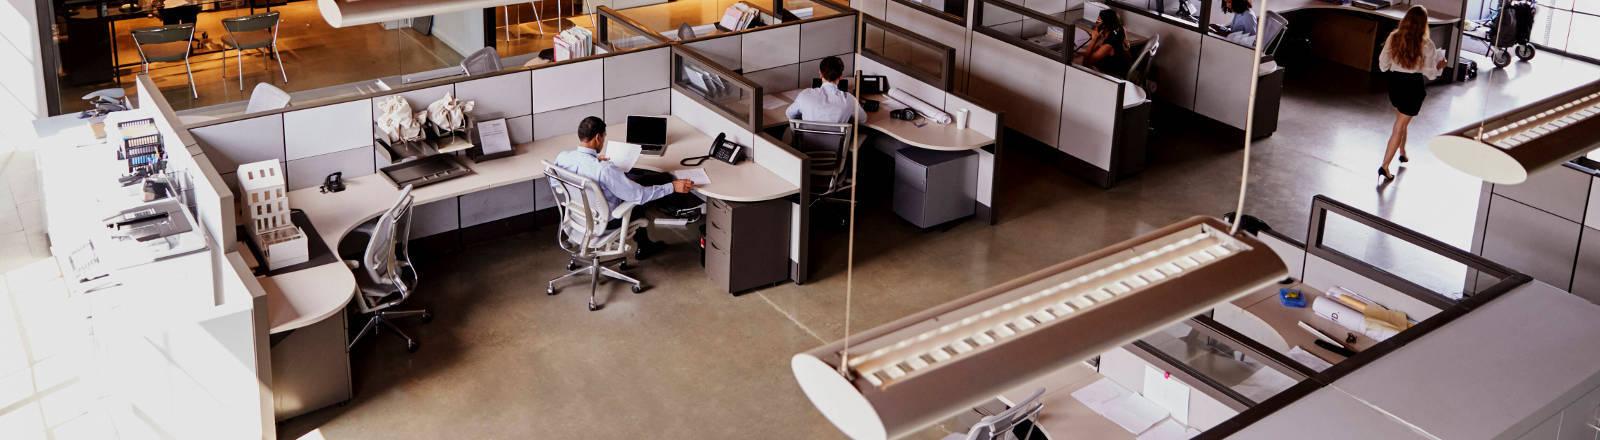 Ein Großraumbüro